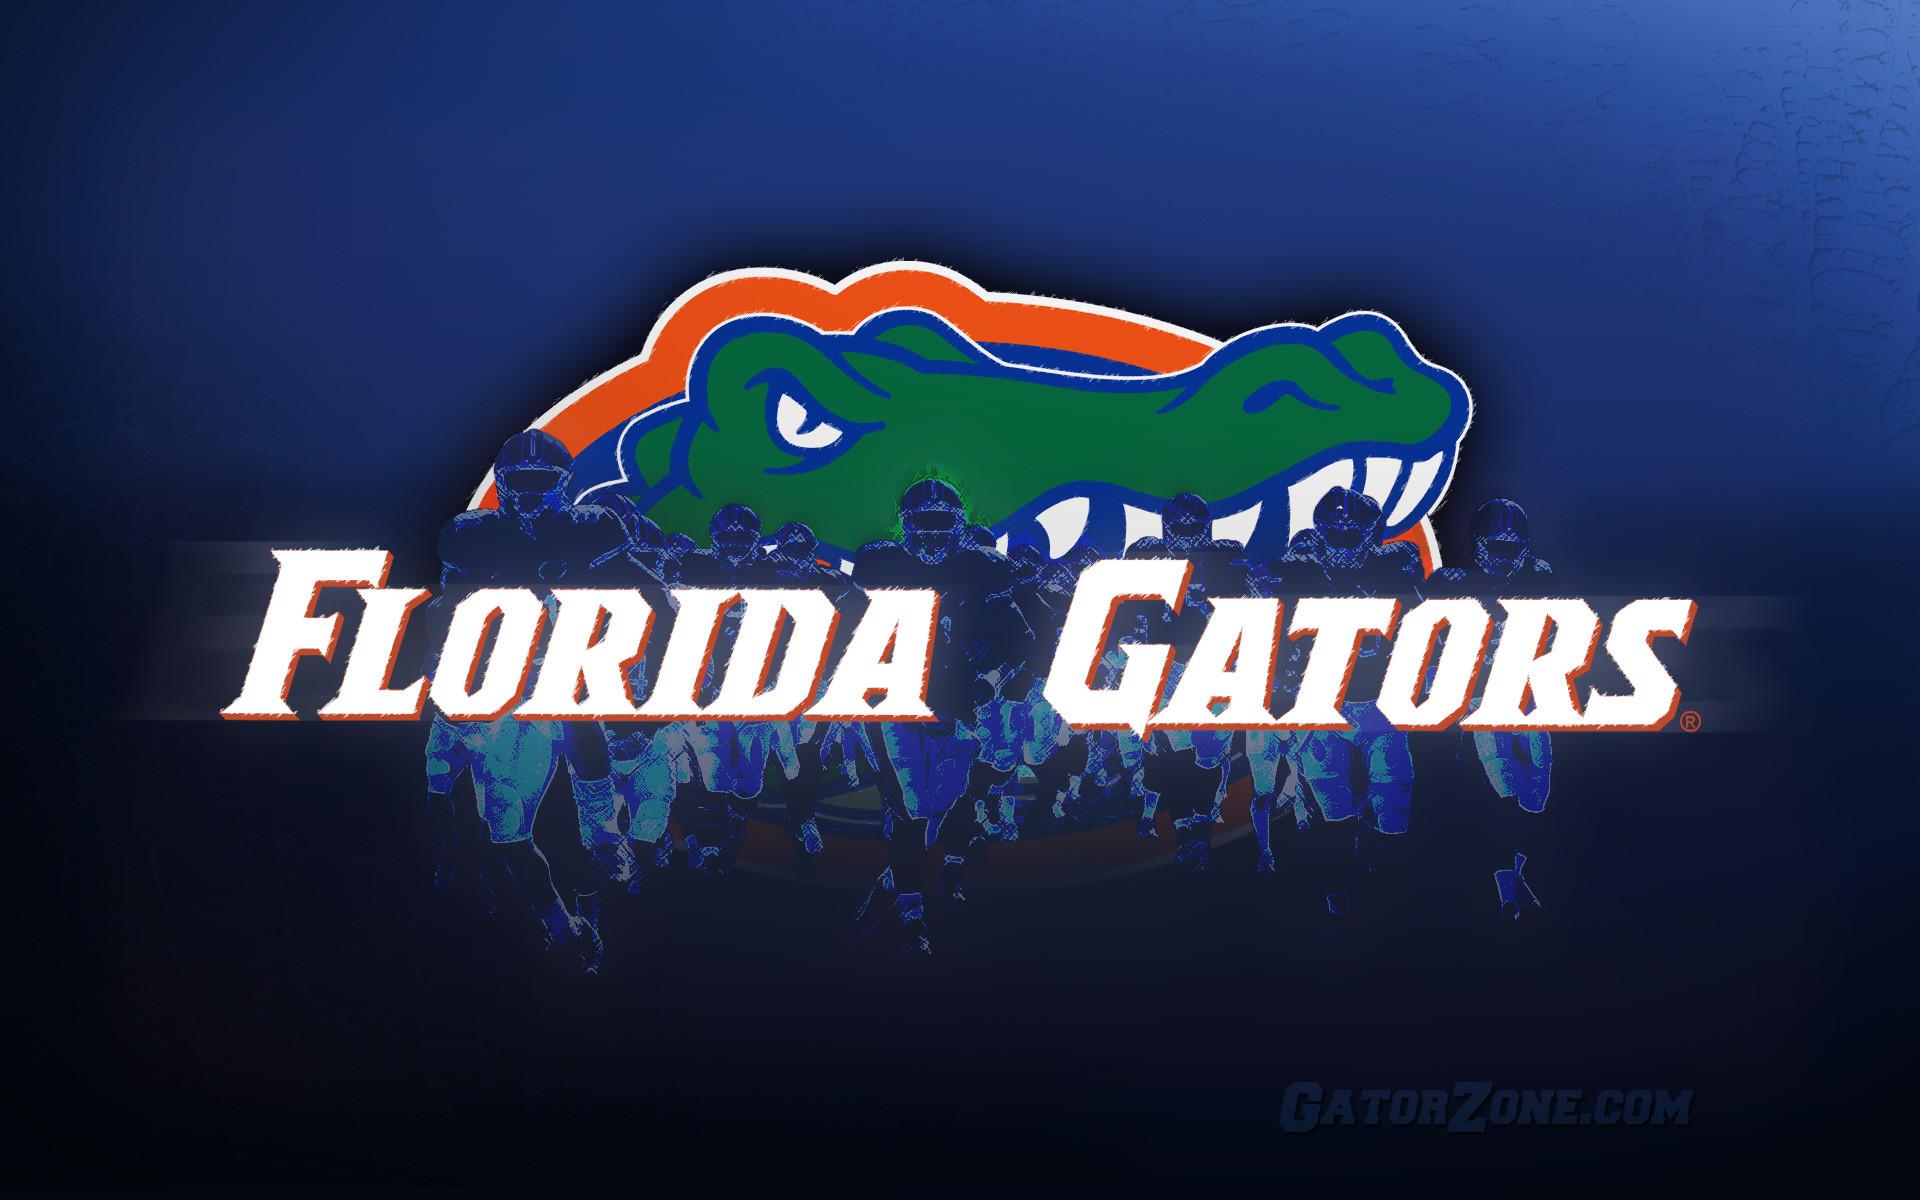 Florida Gators Wallpaper and